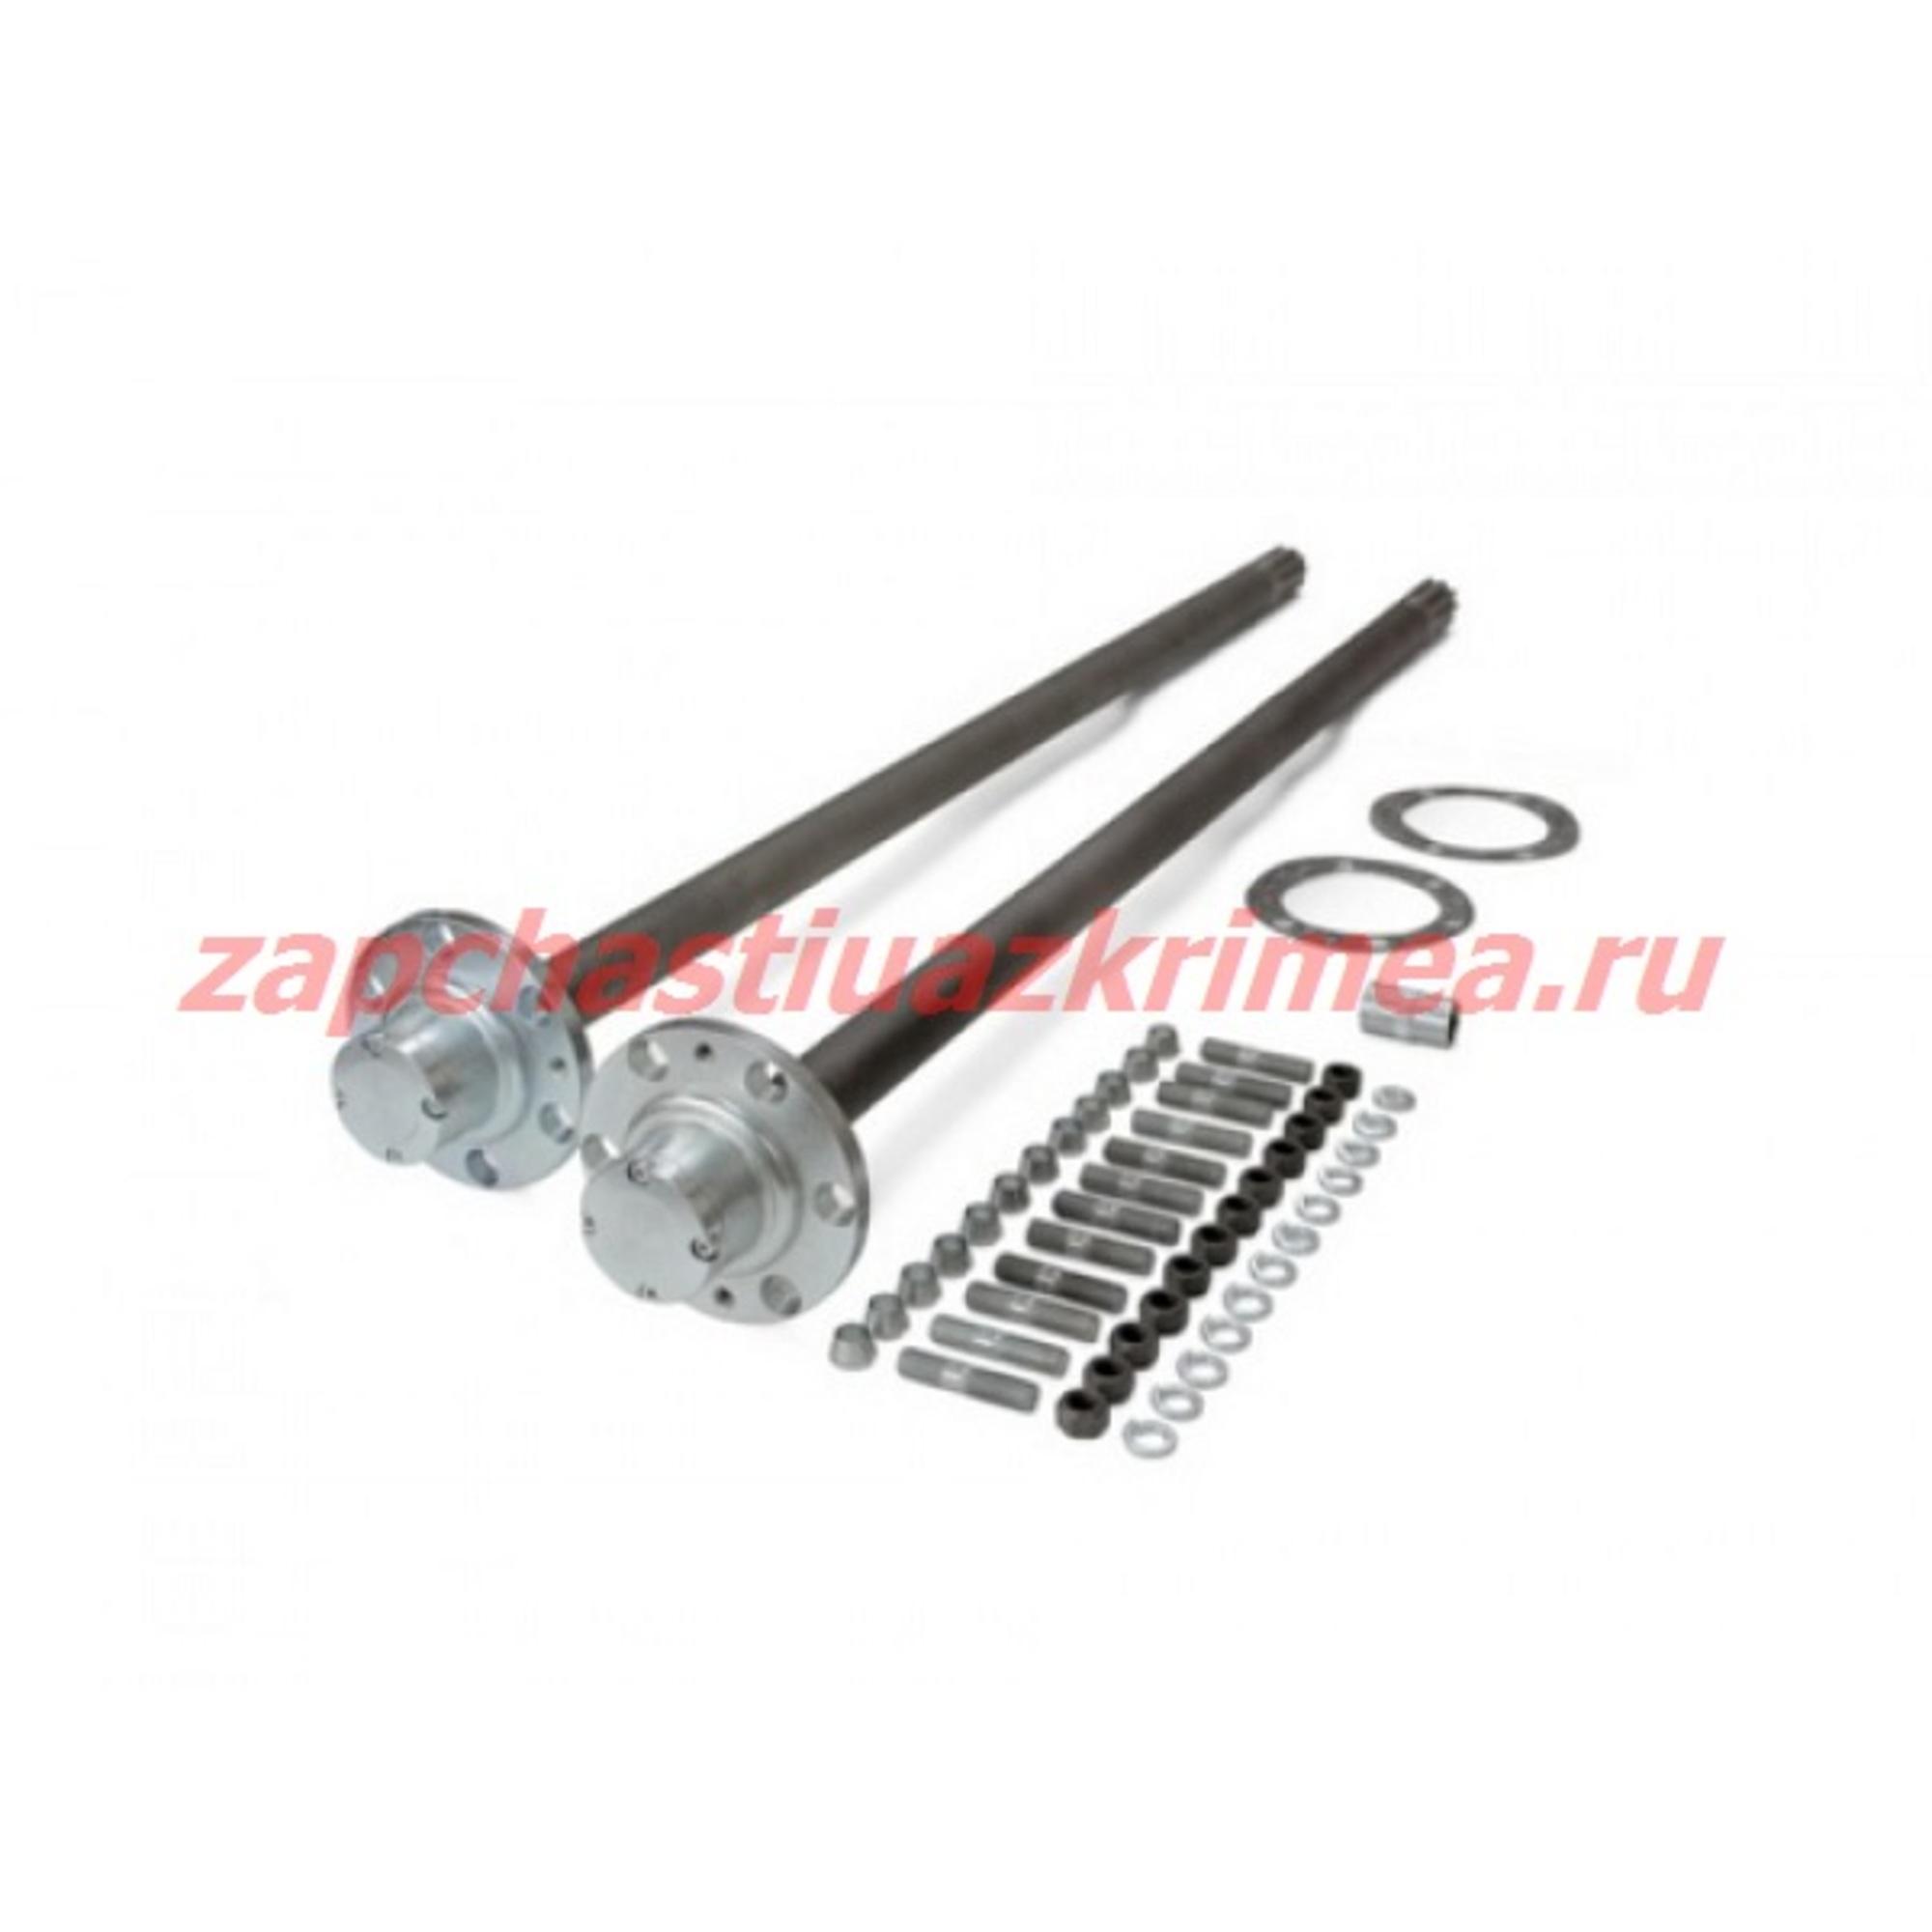 Комплект полуосей усиленных задний мост Спайсер УАЗ Патриот 875/875 Иж-Техно